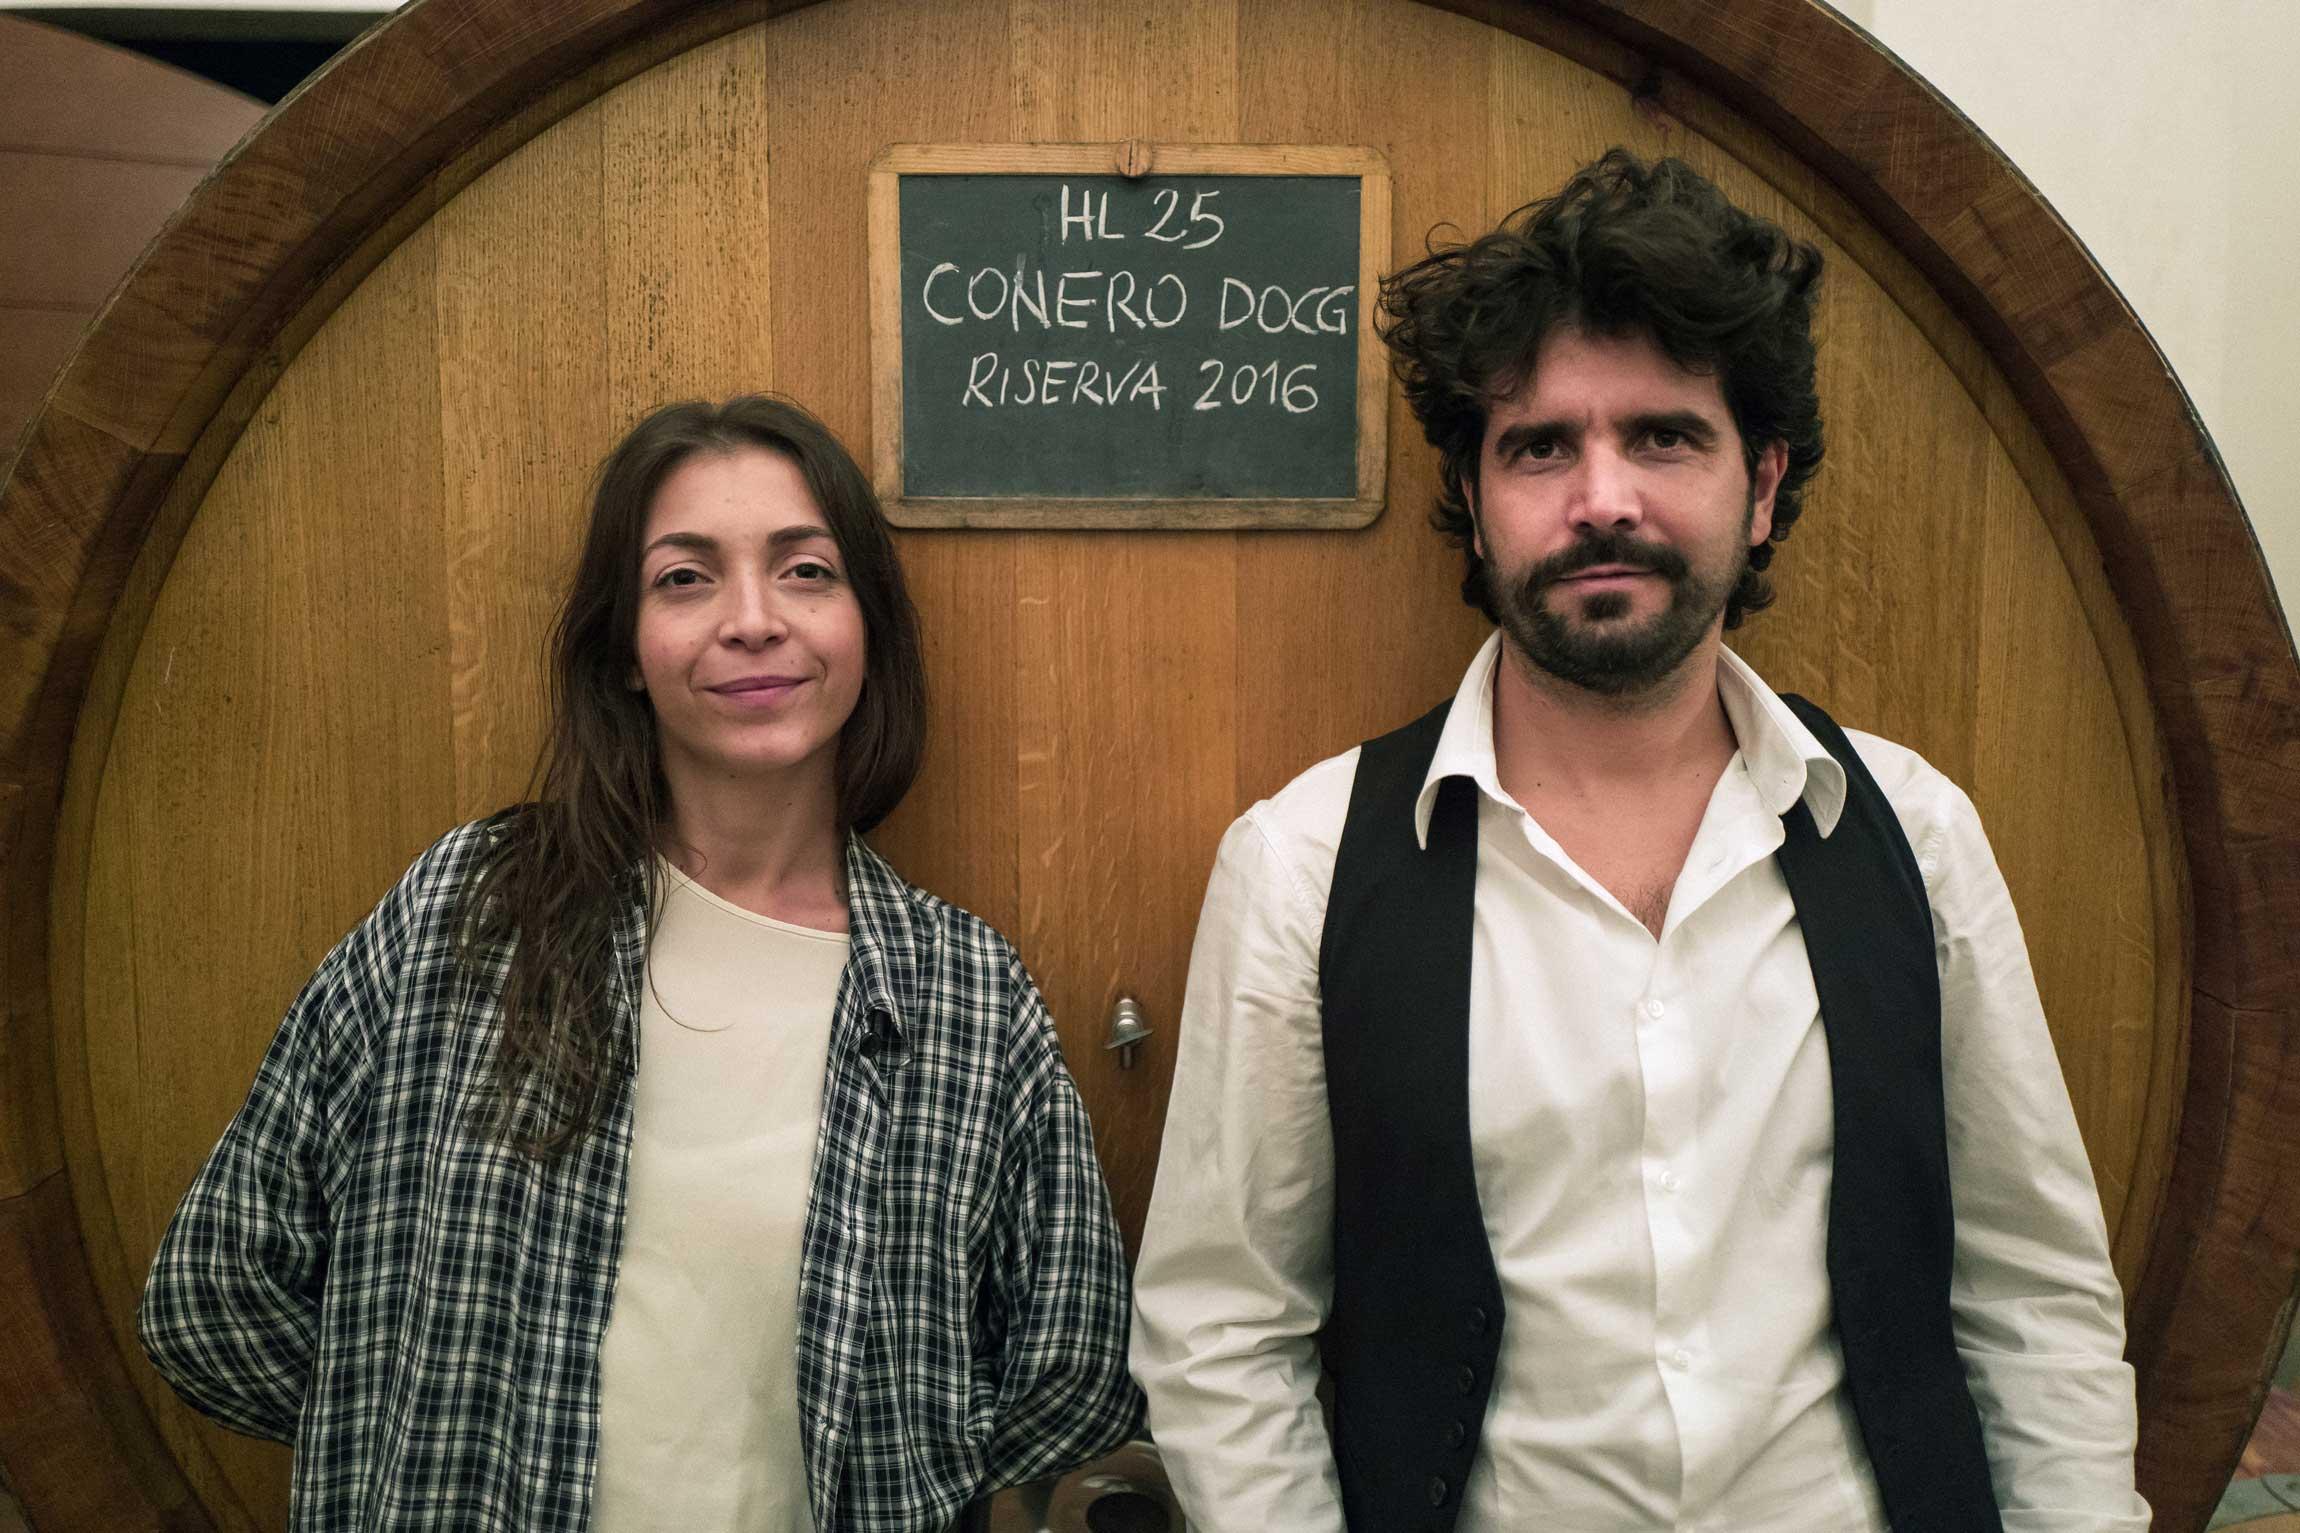 Paolo ed Eleonora con dietro botte di vino